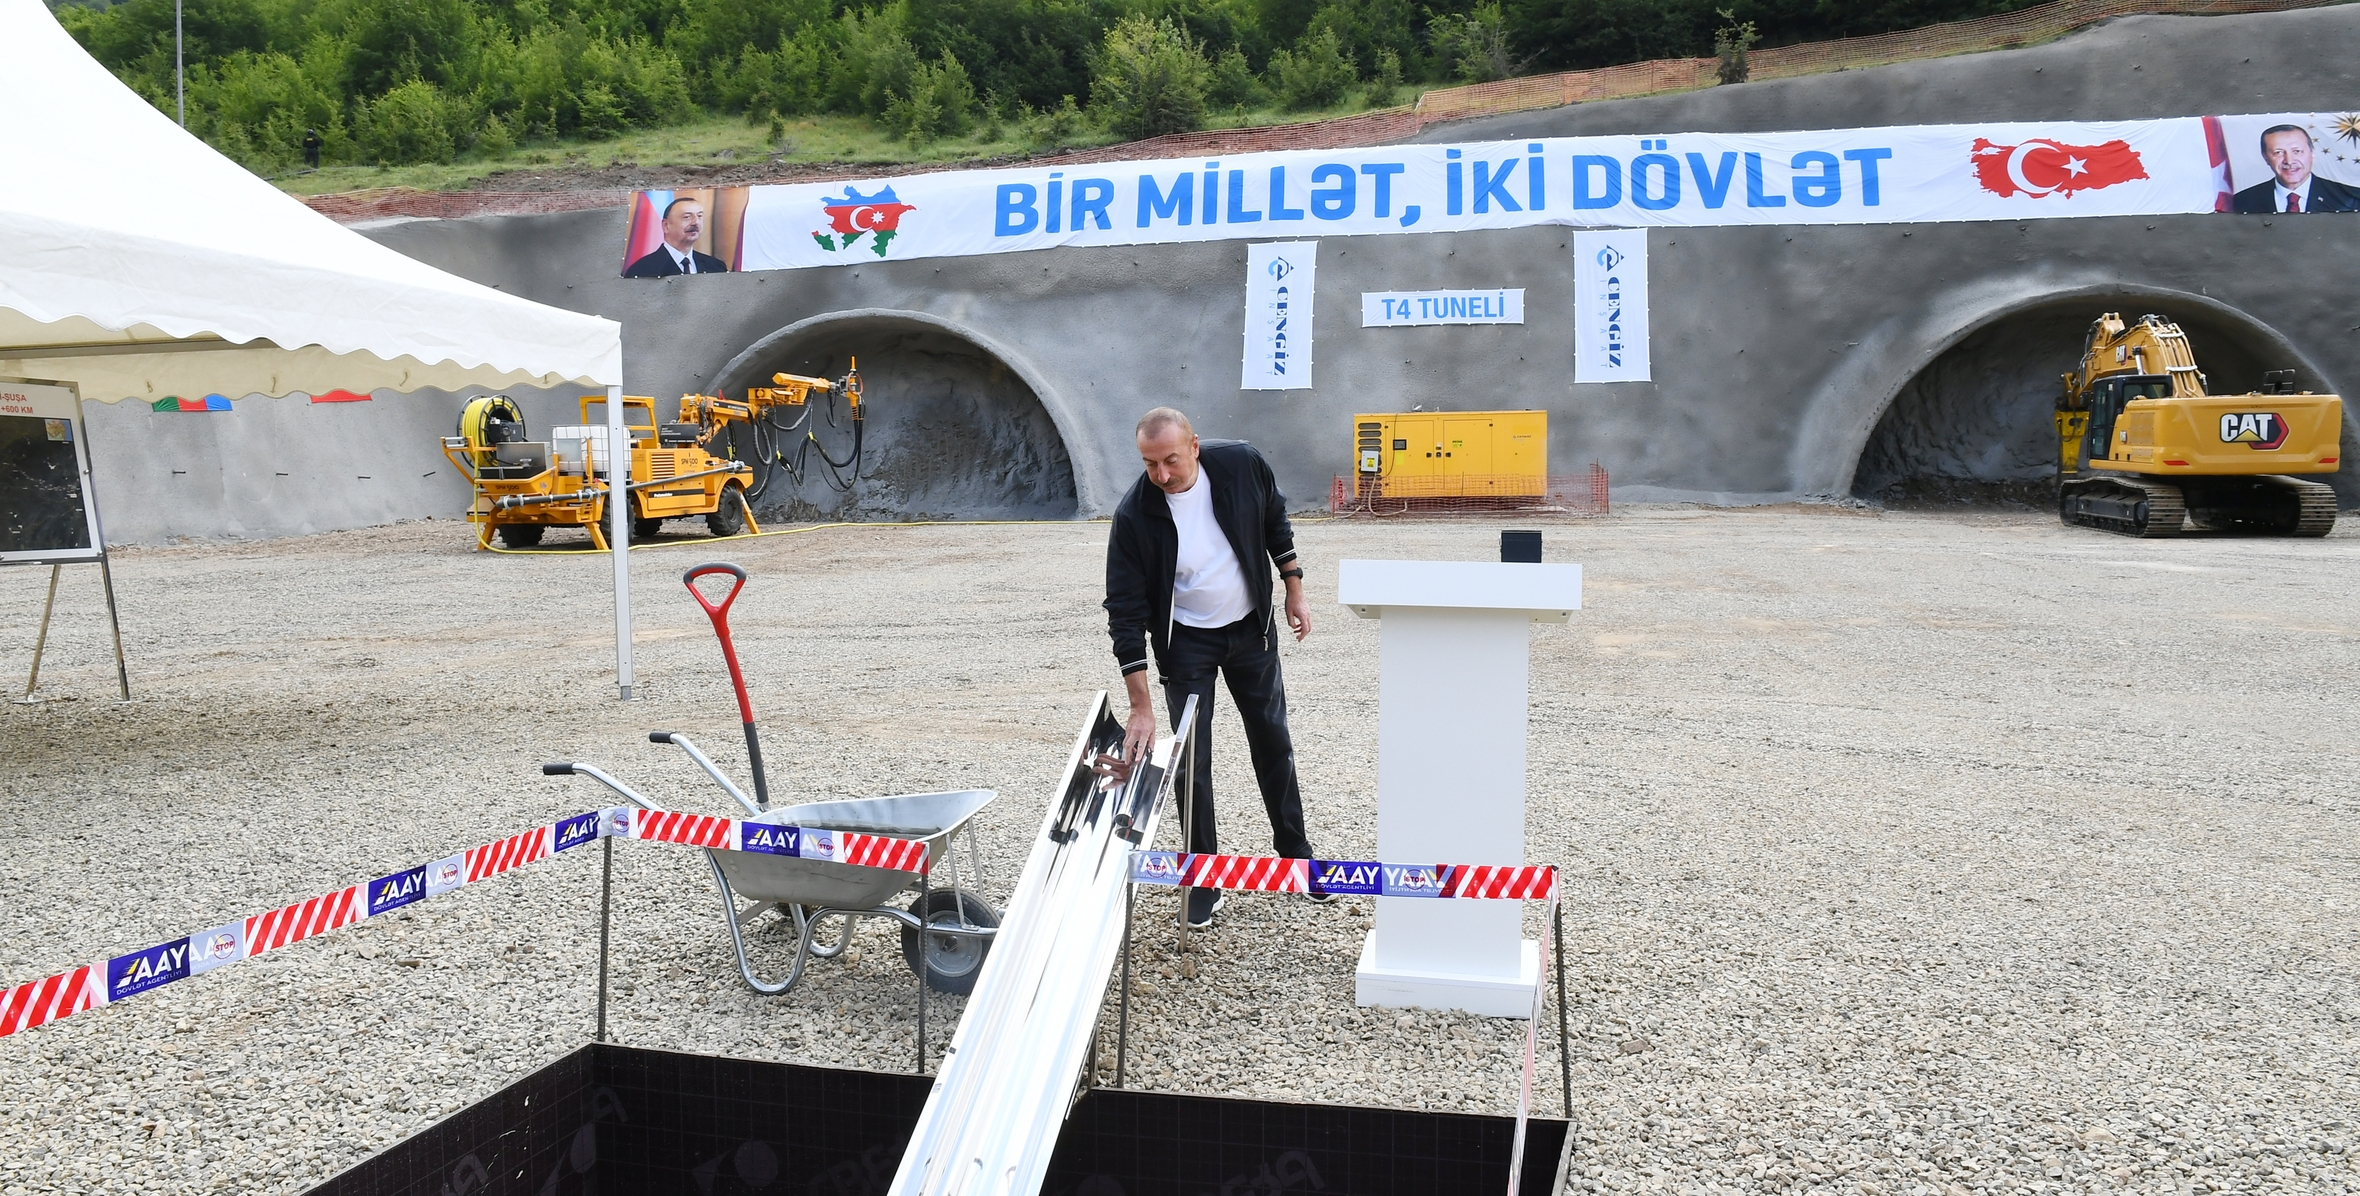 İlham Əliyev Əhmədbəyli-Füzuli-Şuşa avtomobil yolunda inşa olunacaq tunelin təməlini qoyub